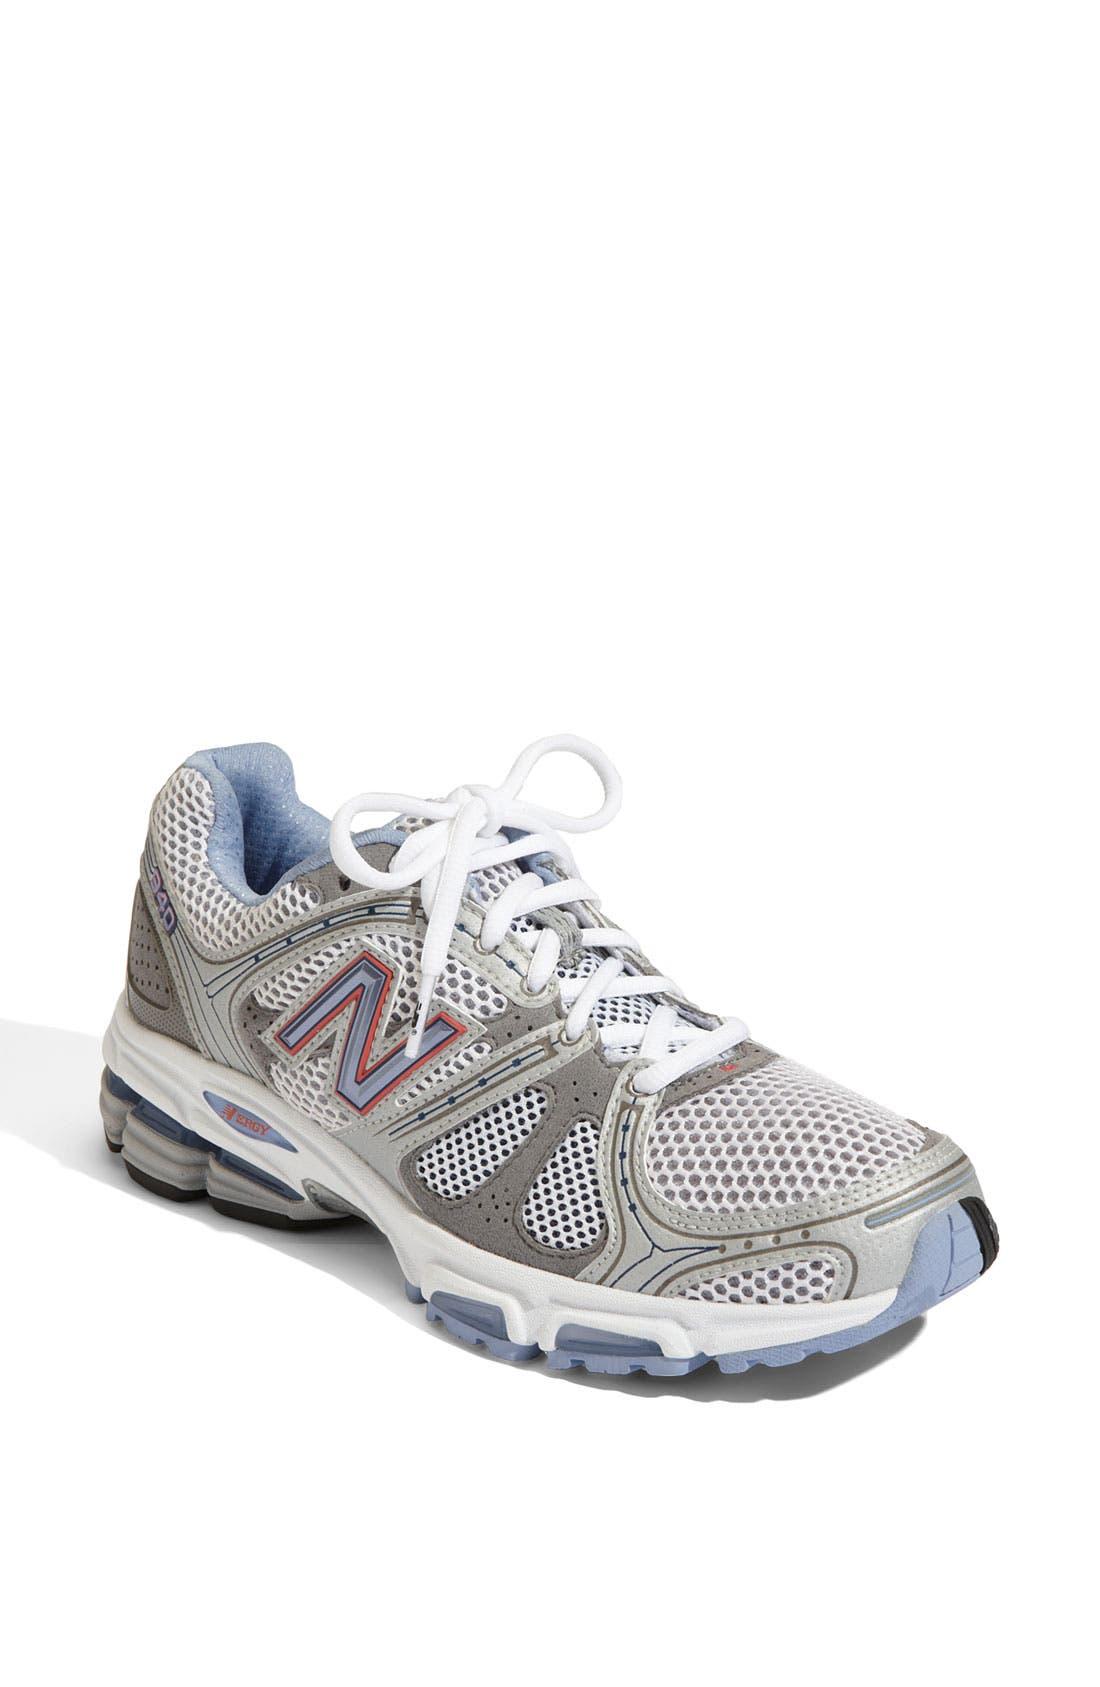 Main Image - New Balance '940' Running Shoe (Women)